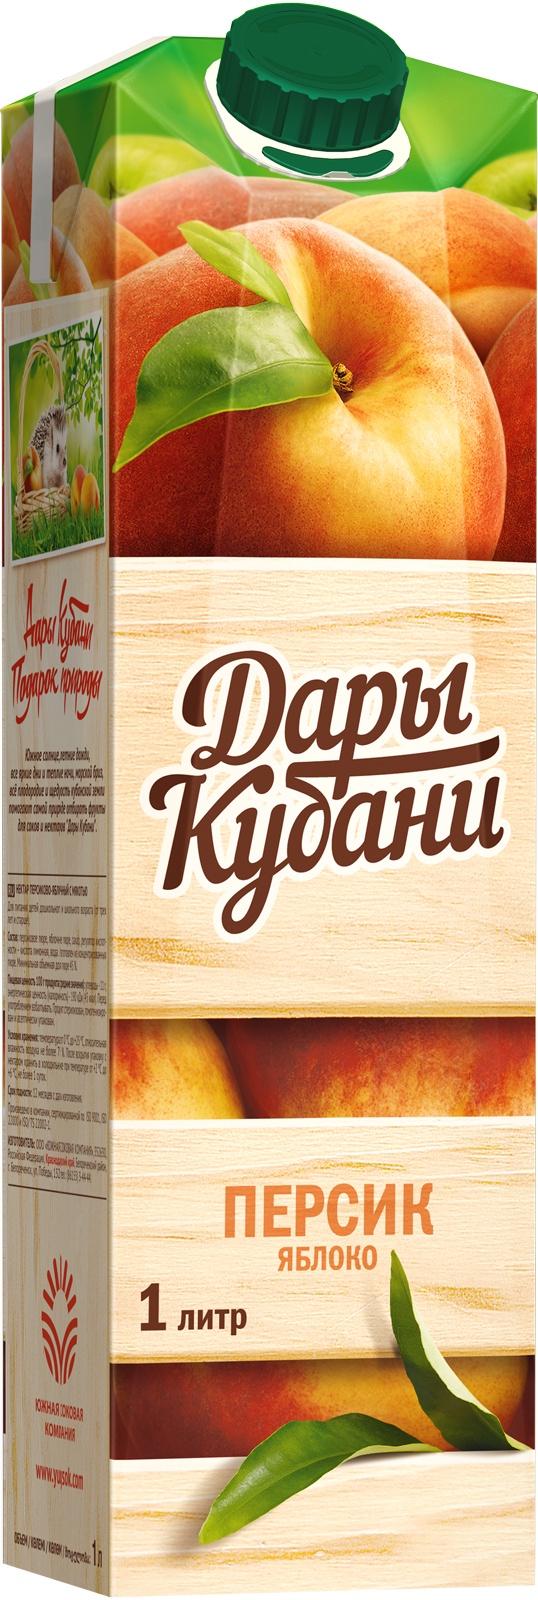 Нектар Дары Кубани персиково-яблочный с мякотью 1 л дары кубани масло подсолнечное рафинированное высший сорт 1 л